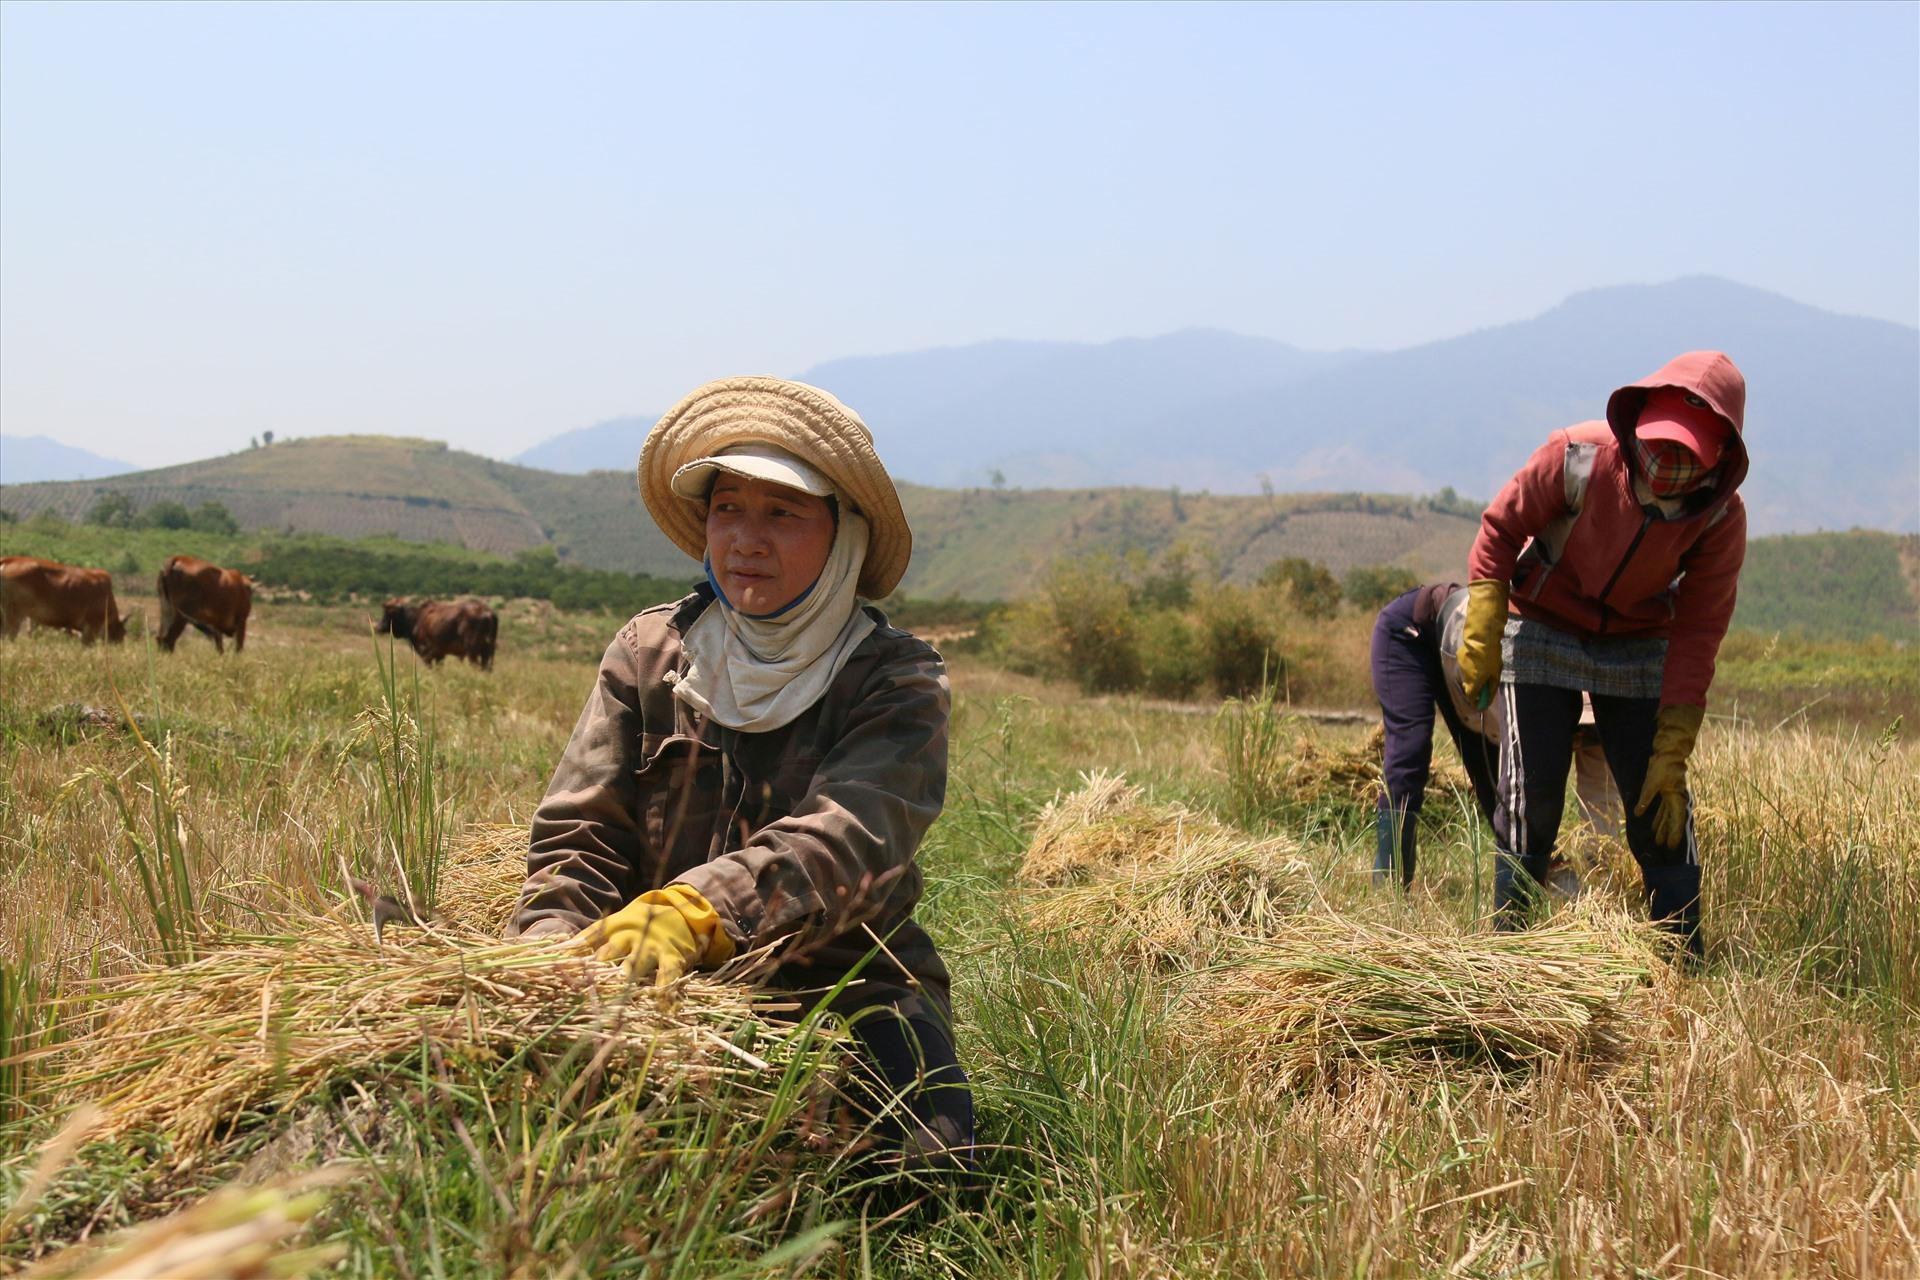 Chị H'Duen - Drao ( ngụ buôn Khoắh, xã Cư Pui) tâm sự, hiện vựa lúa đông xuân của cả xã đang đến mùa thu hoạch nhưng gặp hạn hán nghiêm trọng, không đủ nước tưới nên lúa chết khô rất nhiều, đành xua bò ra ăn cho đỡ phí. Đã 4 tháng nay khu vực này không có lấy một giọt mưa.